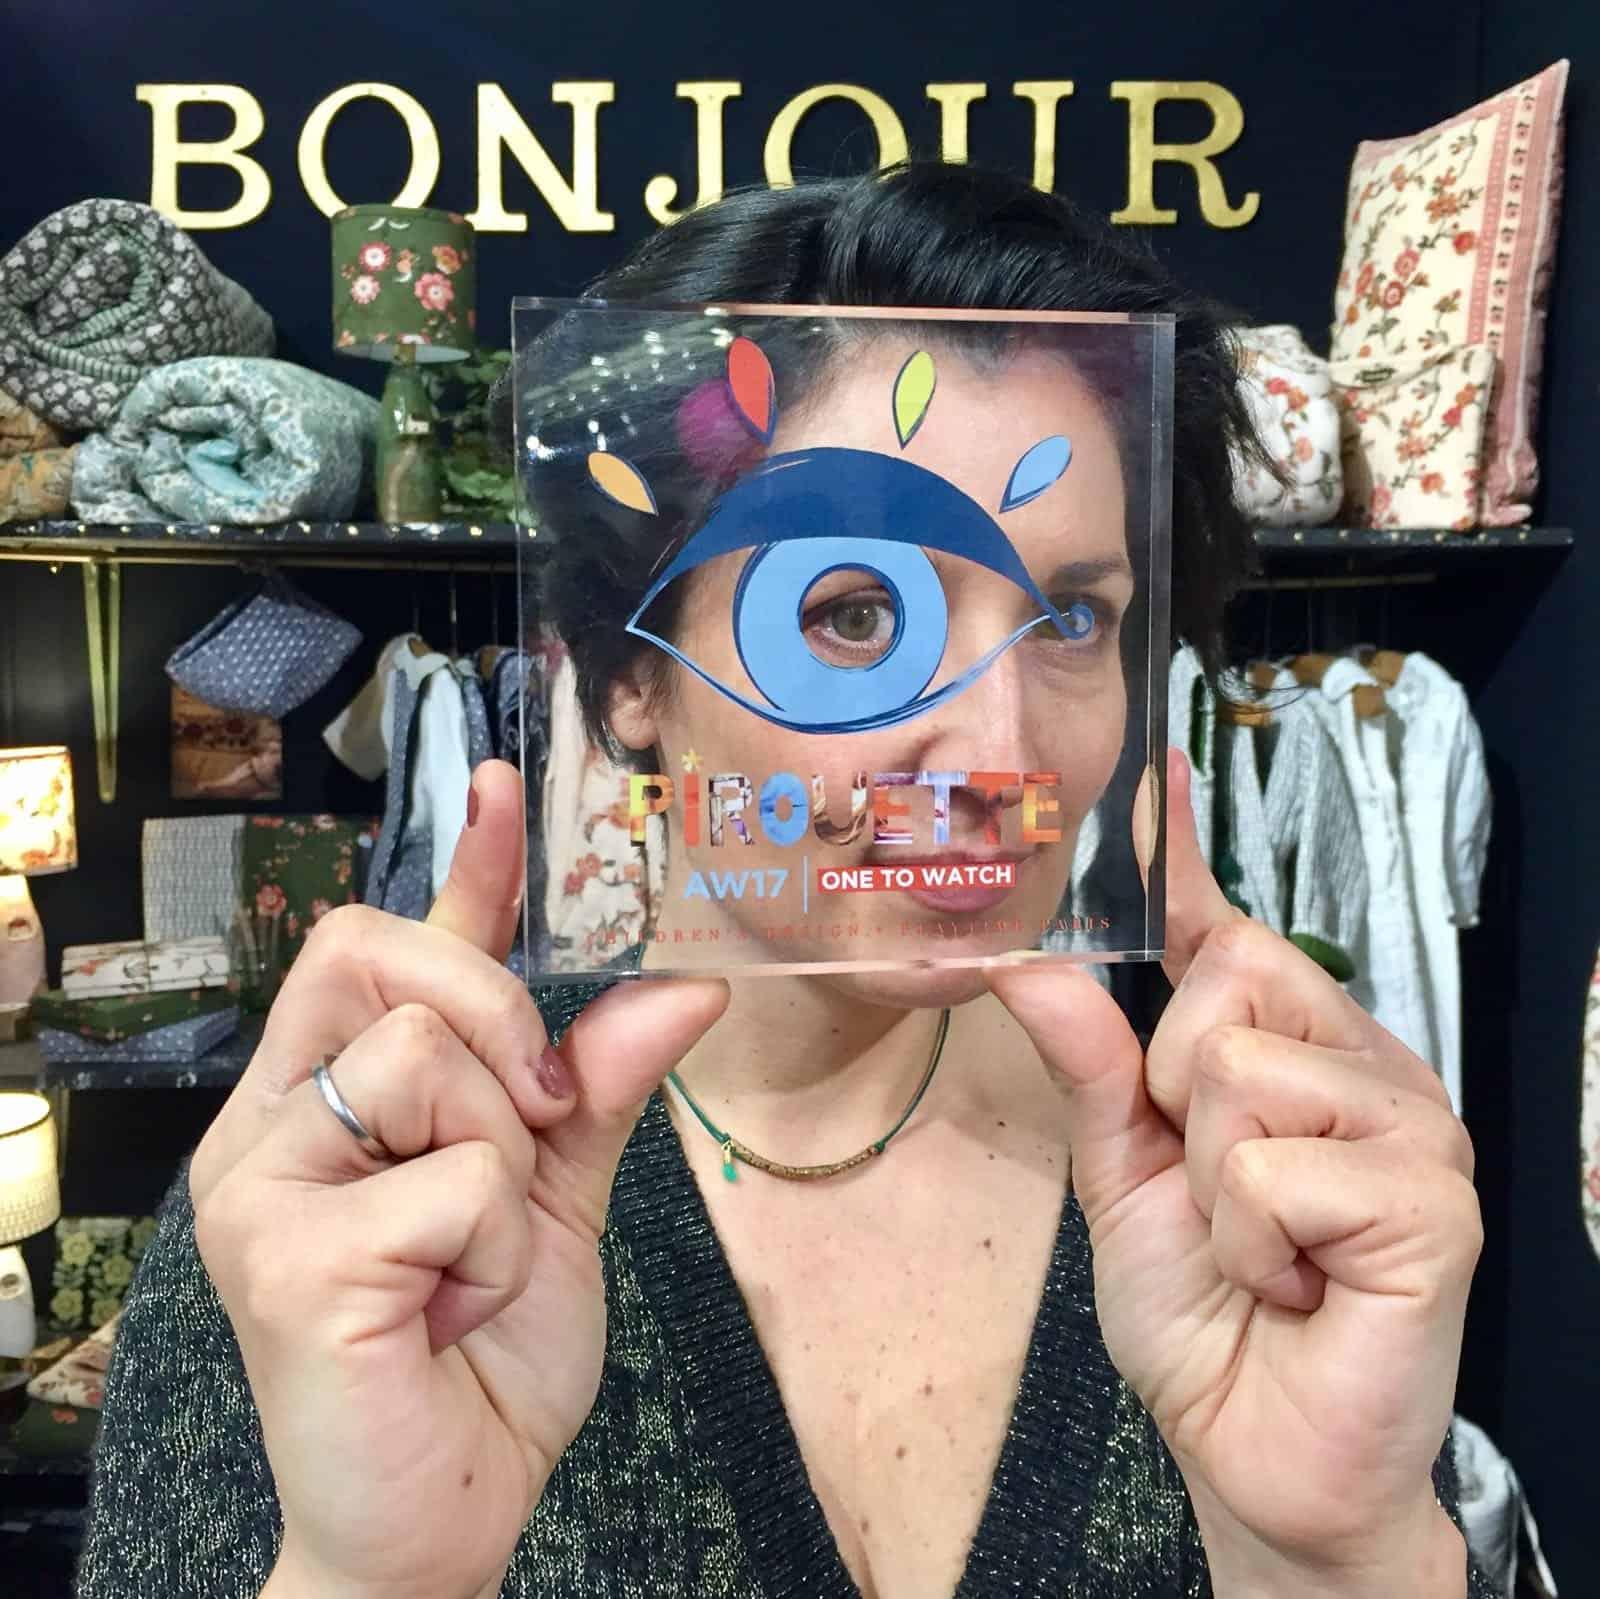 Anne Millet, designer and founder of BONJOUR.